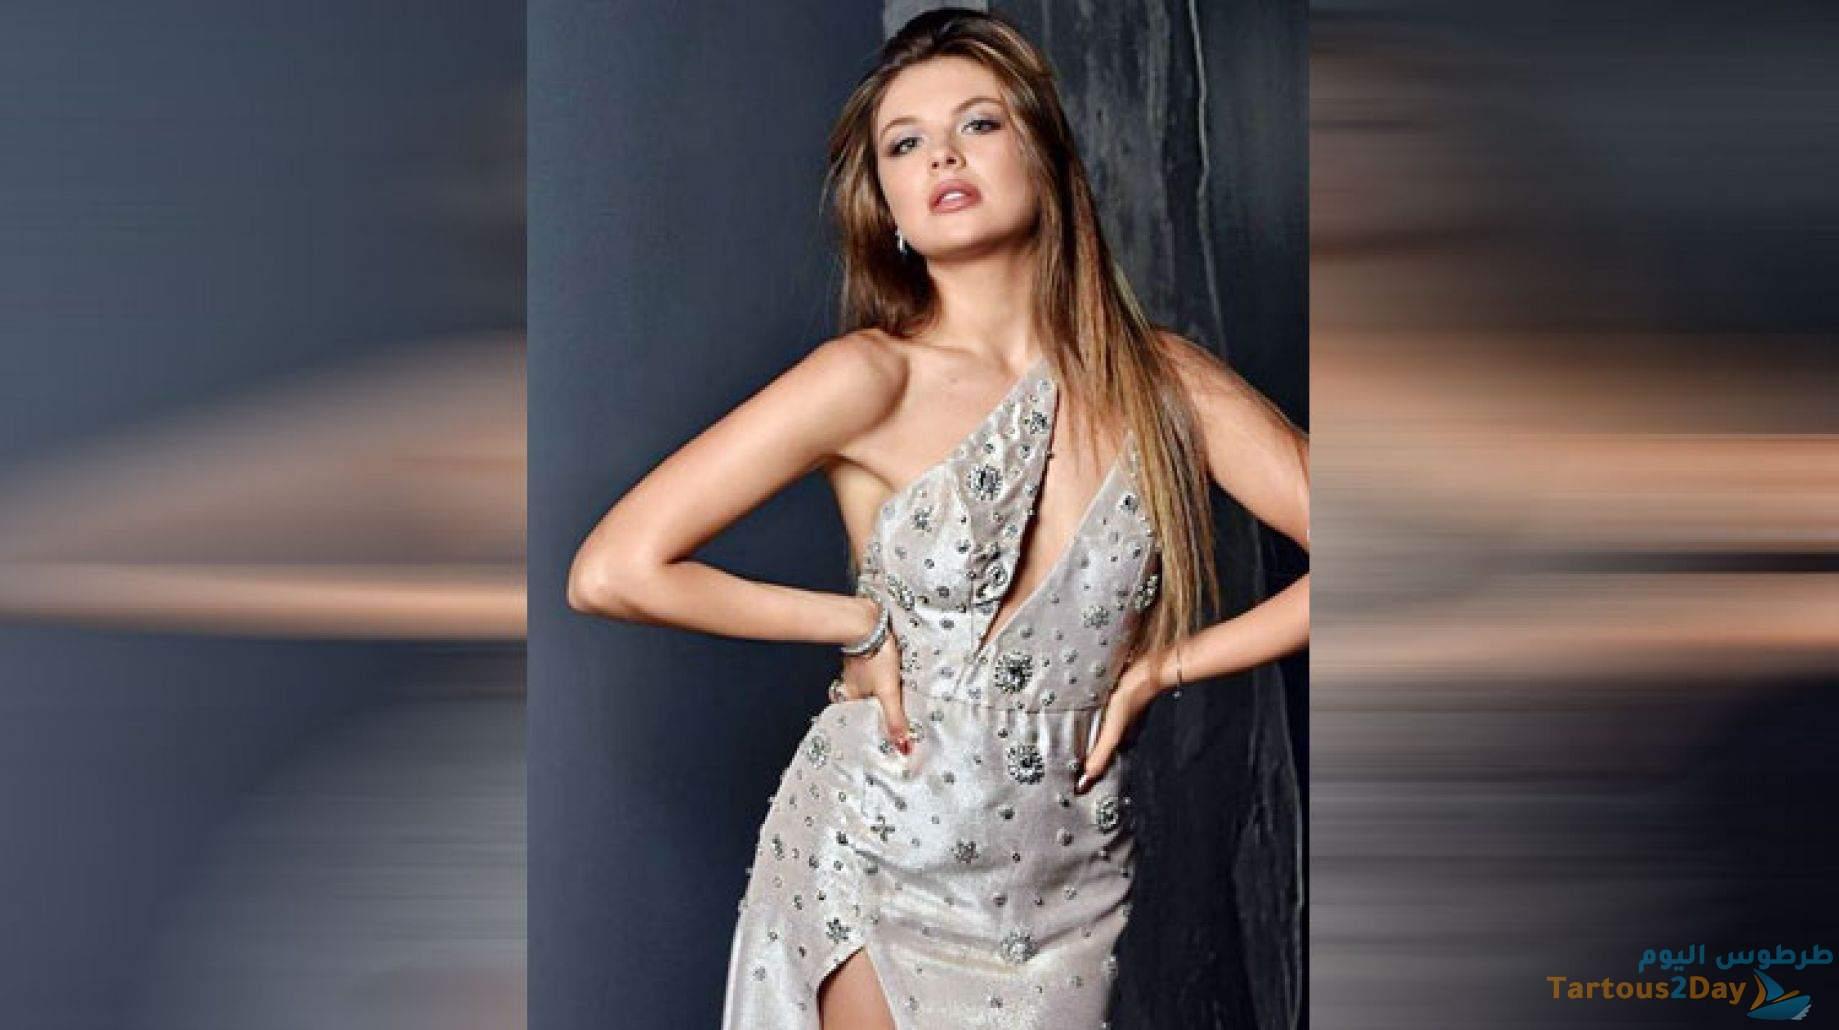 صورة ملكة جمال لبنان مايا رعيدي في بانيو الحمام تثير جدل واسع